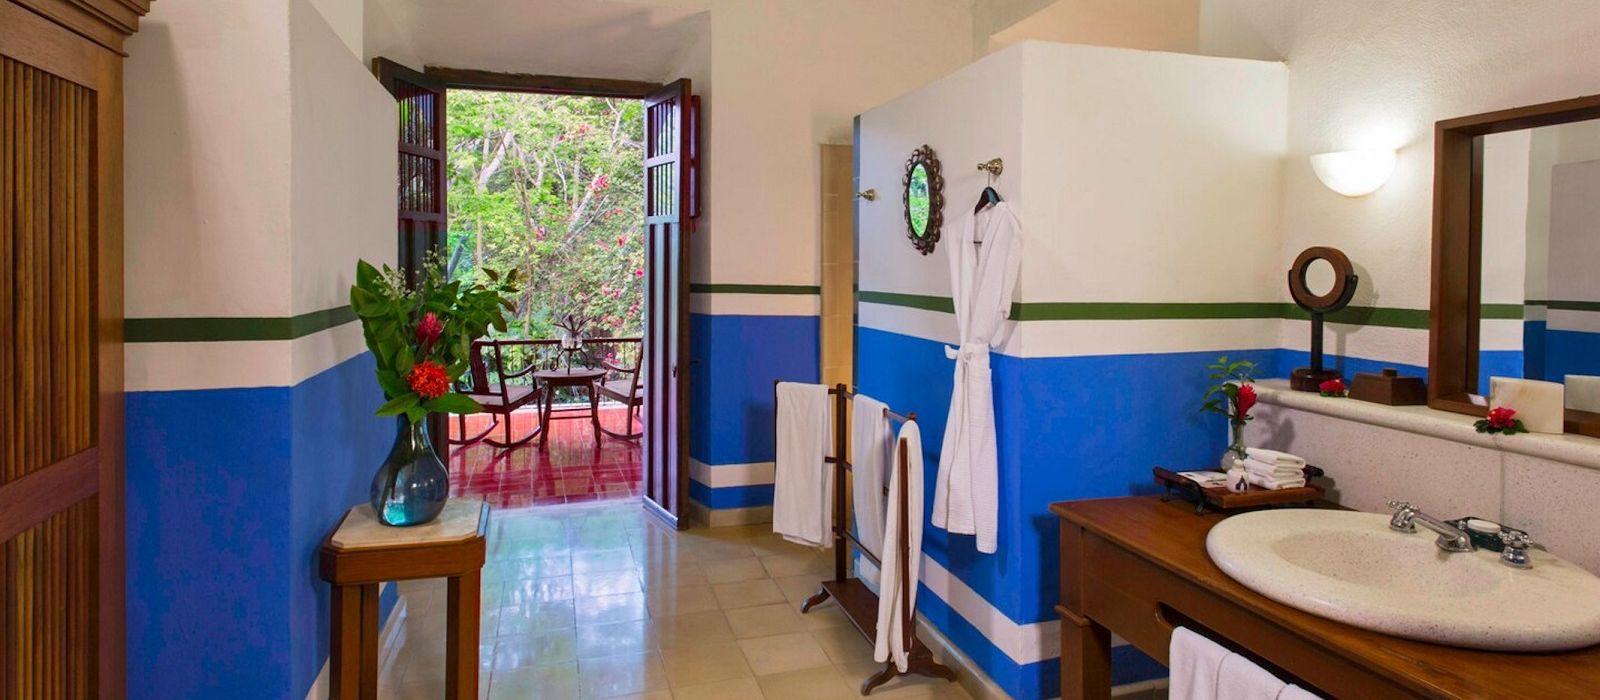 Hotel Hacienda San Jose Mexico